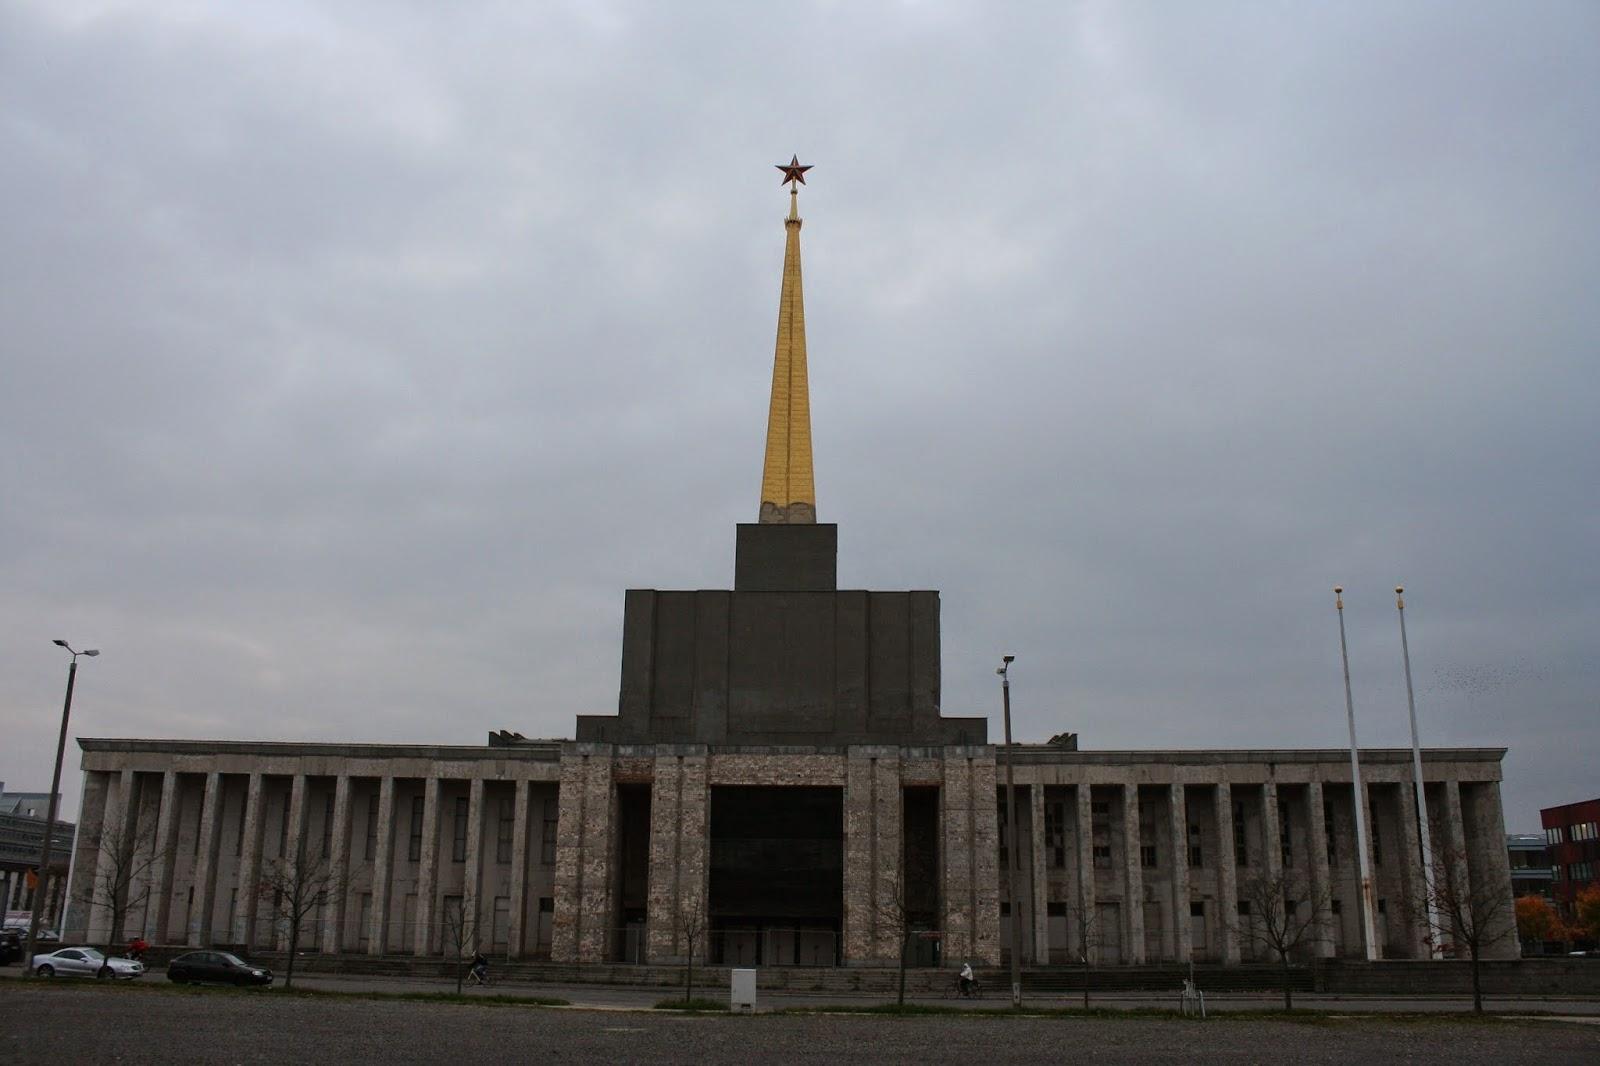 Achilleion - Sowjetischer Pavillion - bekannt Messehalle 12 - 1923/24 gebaut